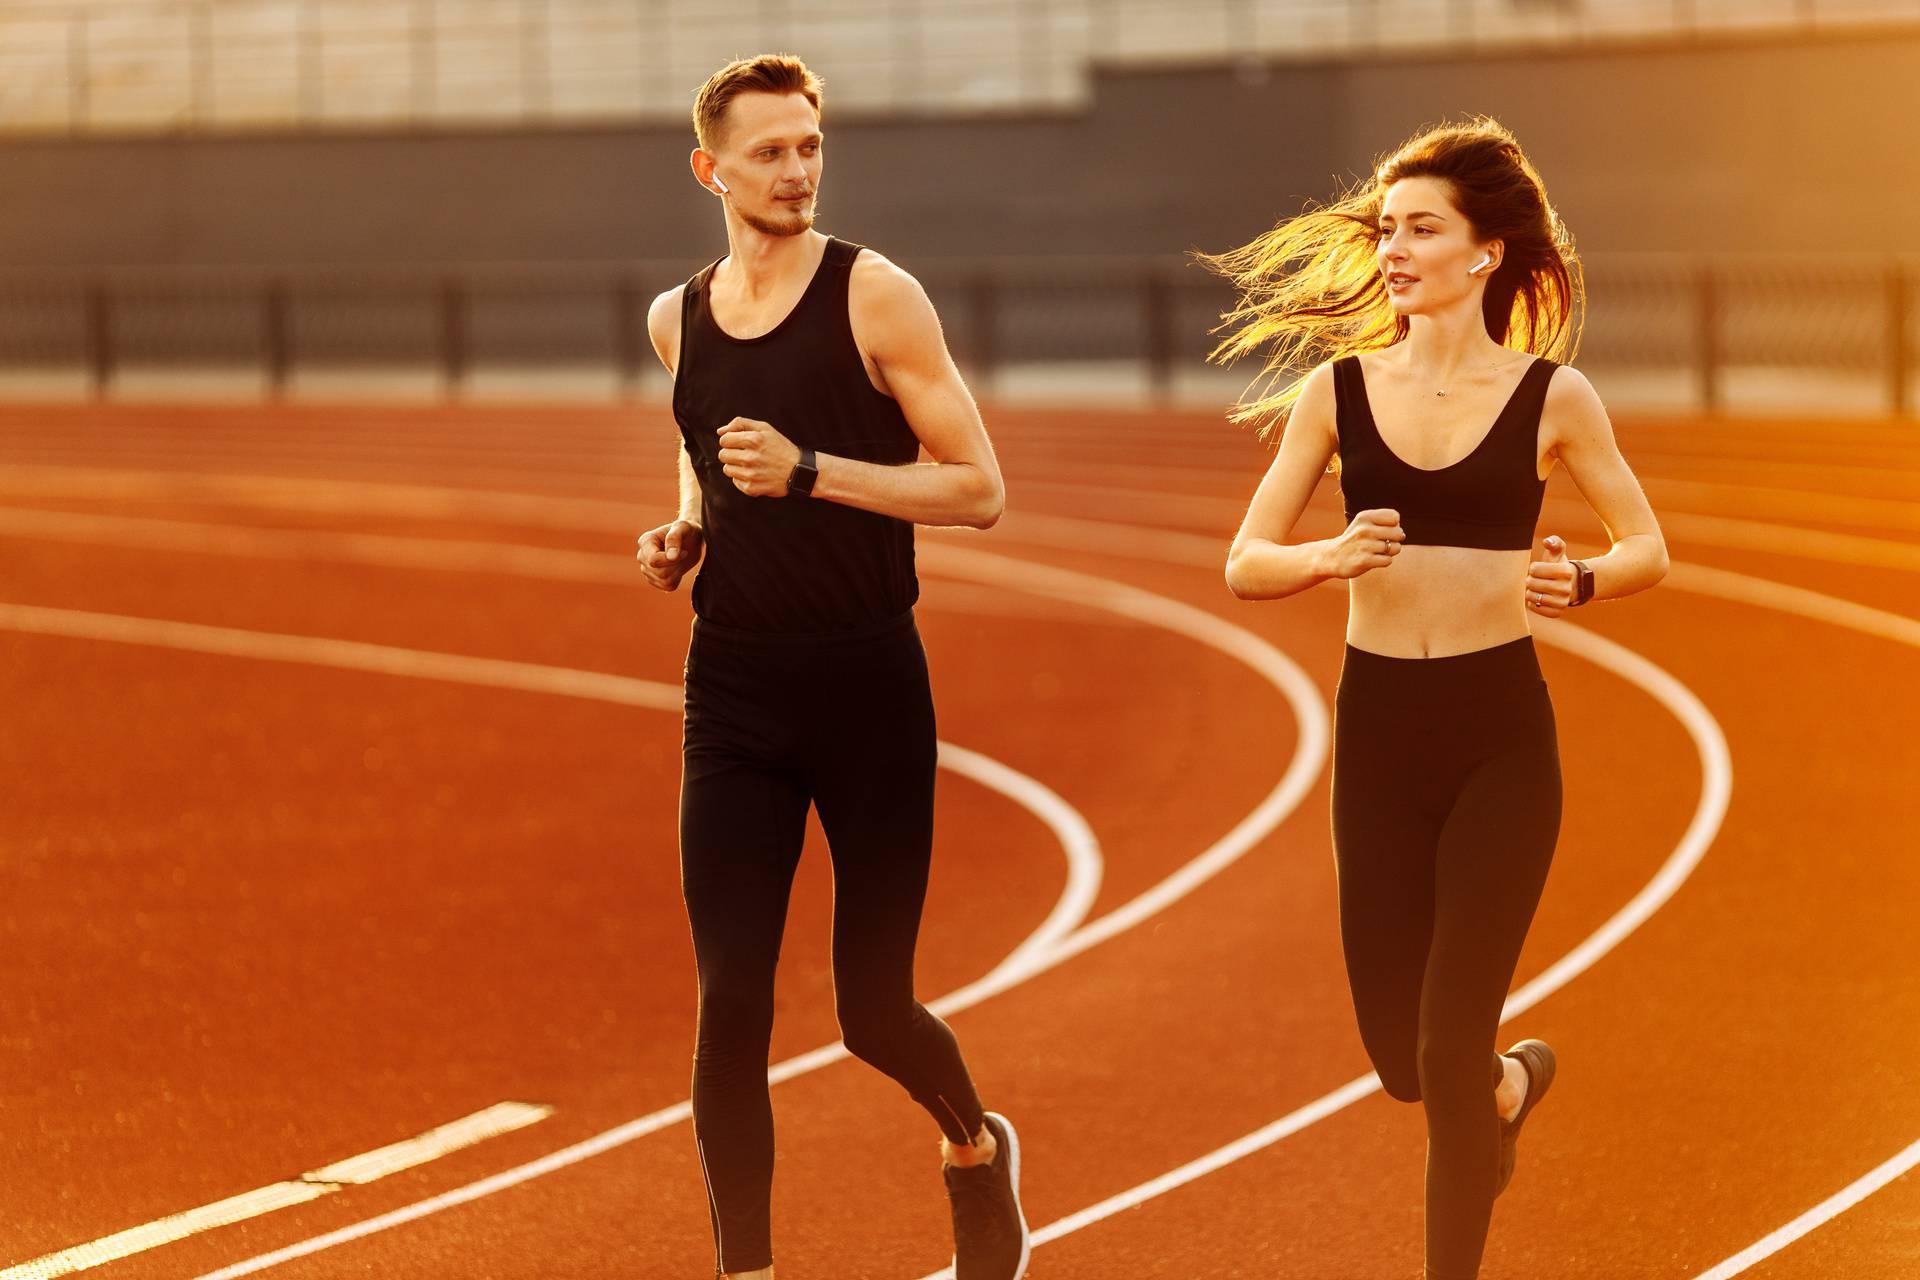 Fizička aktivnost spriječi oko 4 milijuna preranih smrti godišnje